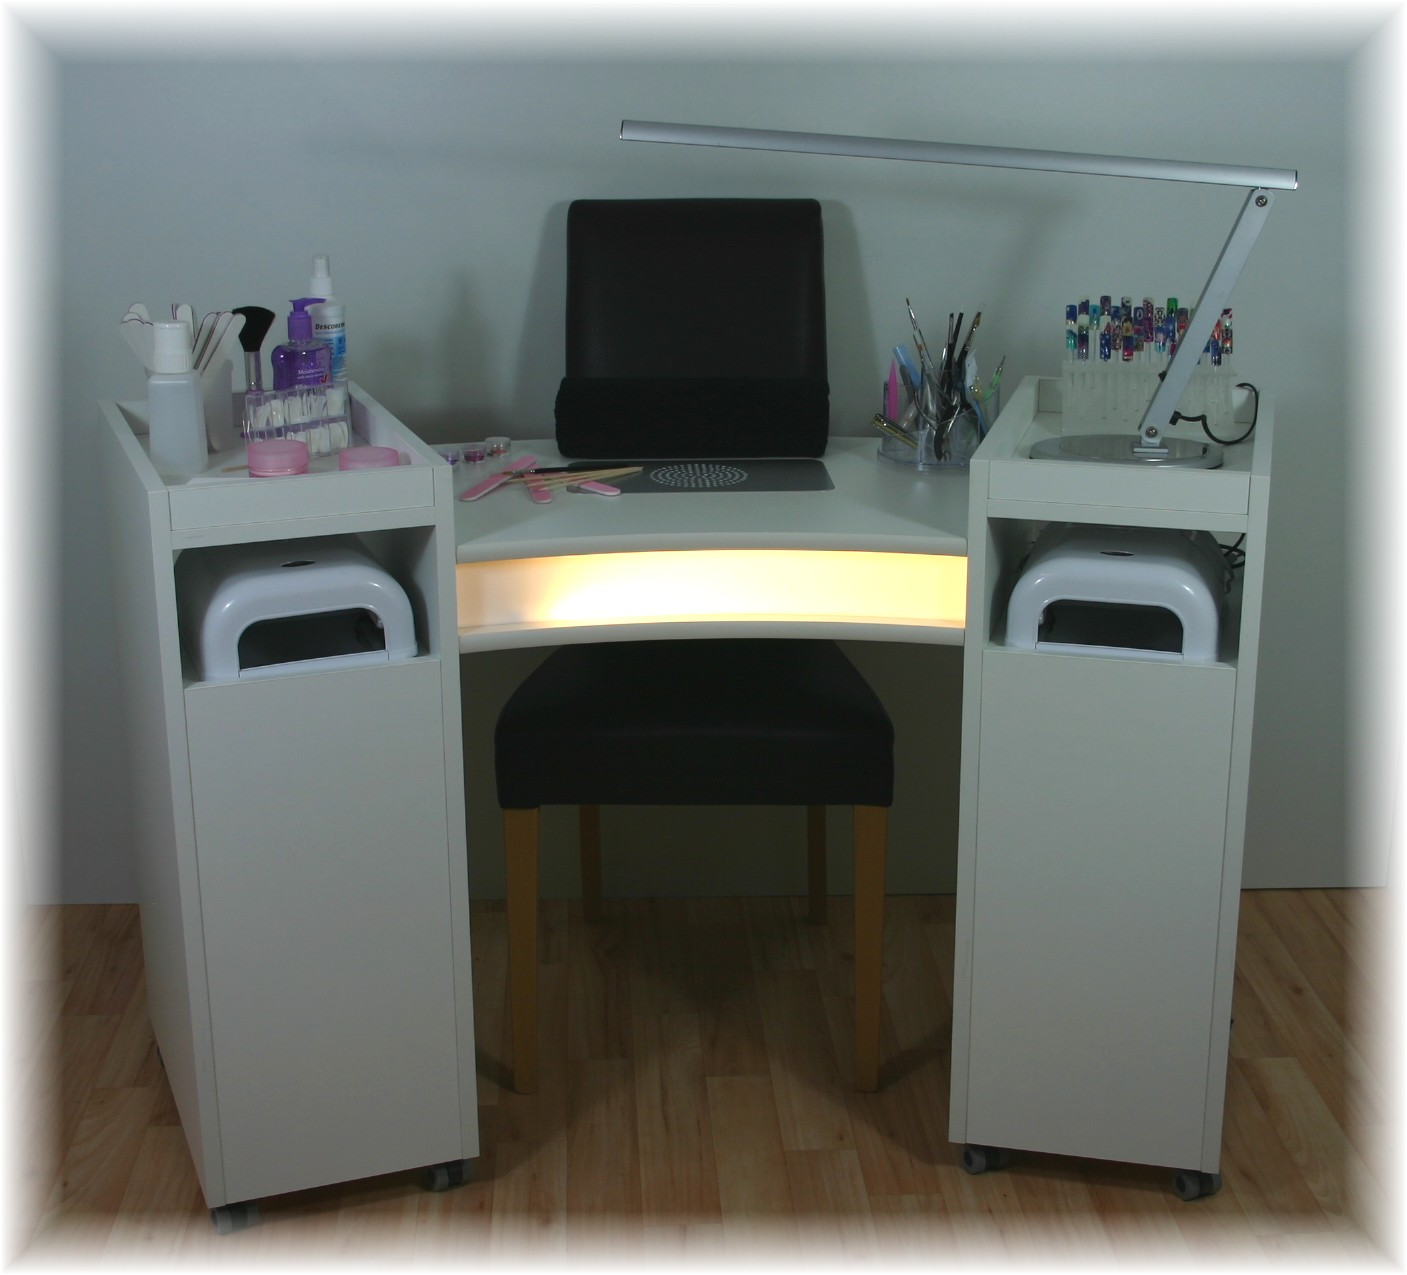 profi nageltisch mit absaugung beleuchtung auf rollen ebay. Black Bedroom Furniture Sets. Home Design Ideas